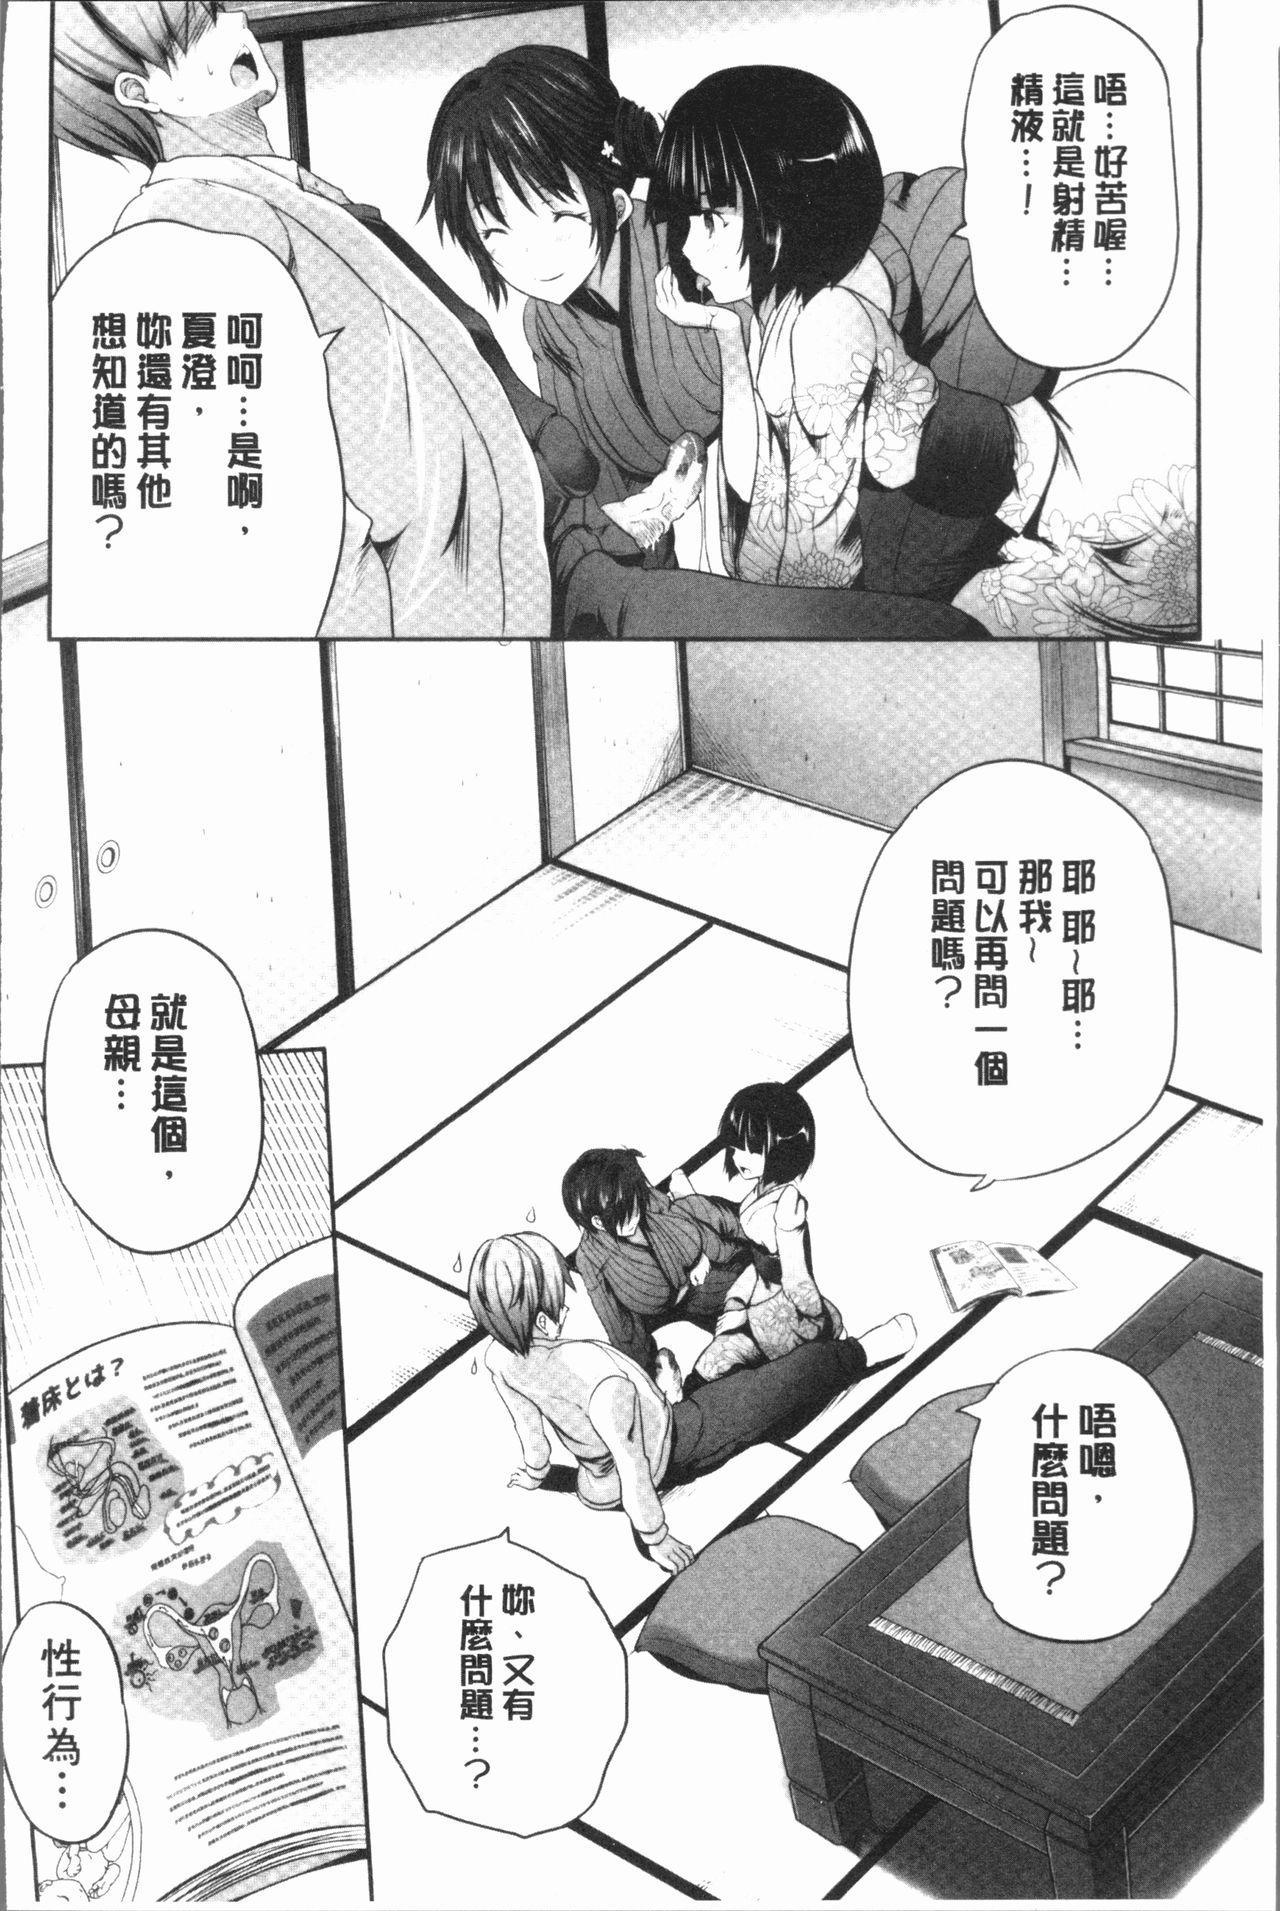 Nanimo Shitenai no ni Bitch Oyako ni Gyaku Rape Saremakutta! 137